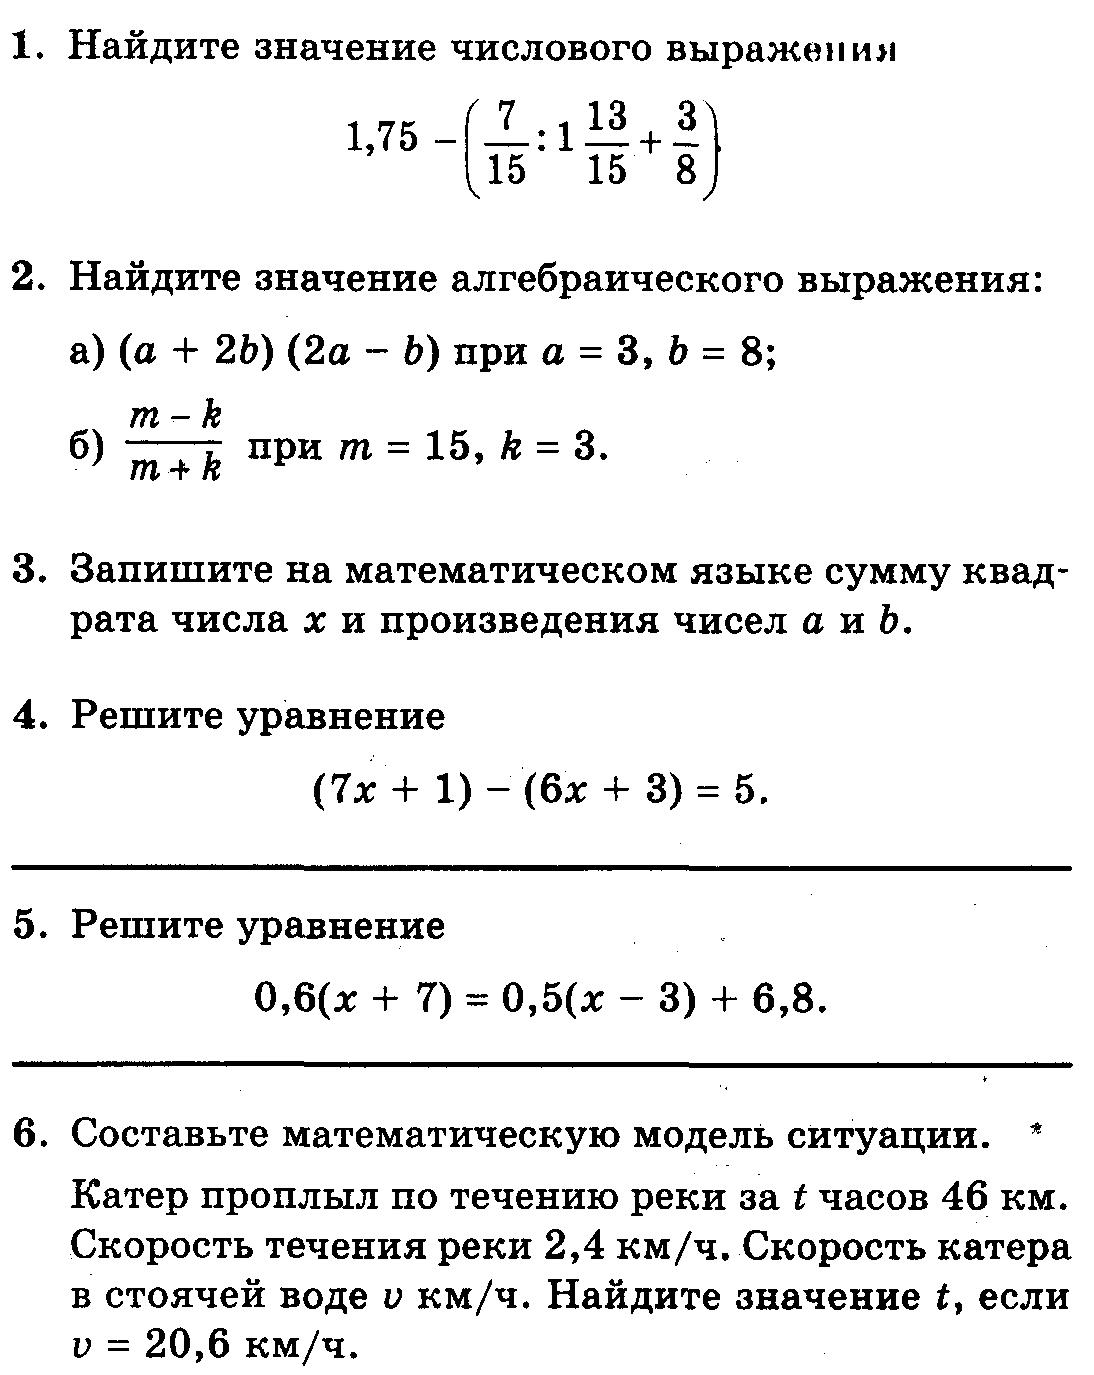 7 класс контрольная работа 1 математический язык математическая модель шалени друзяки